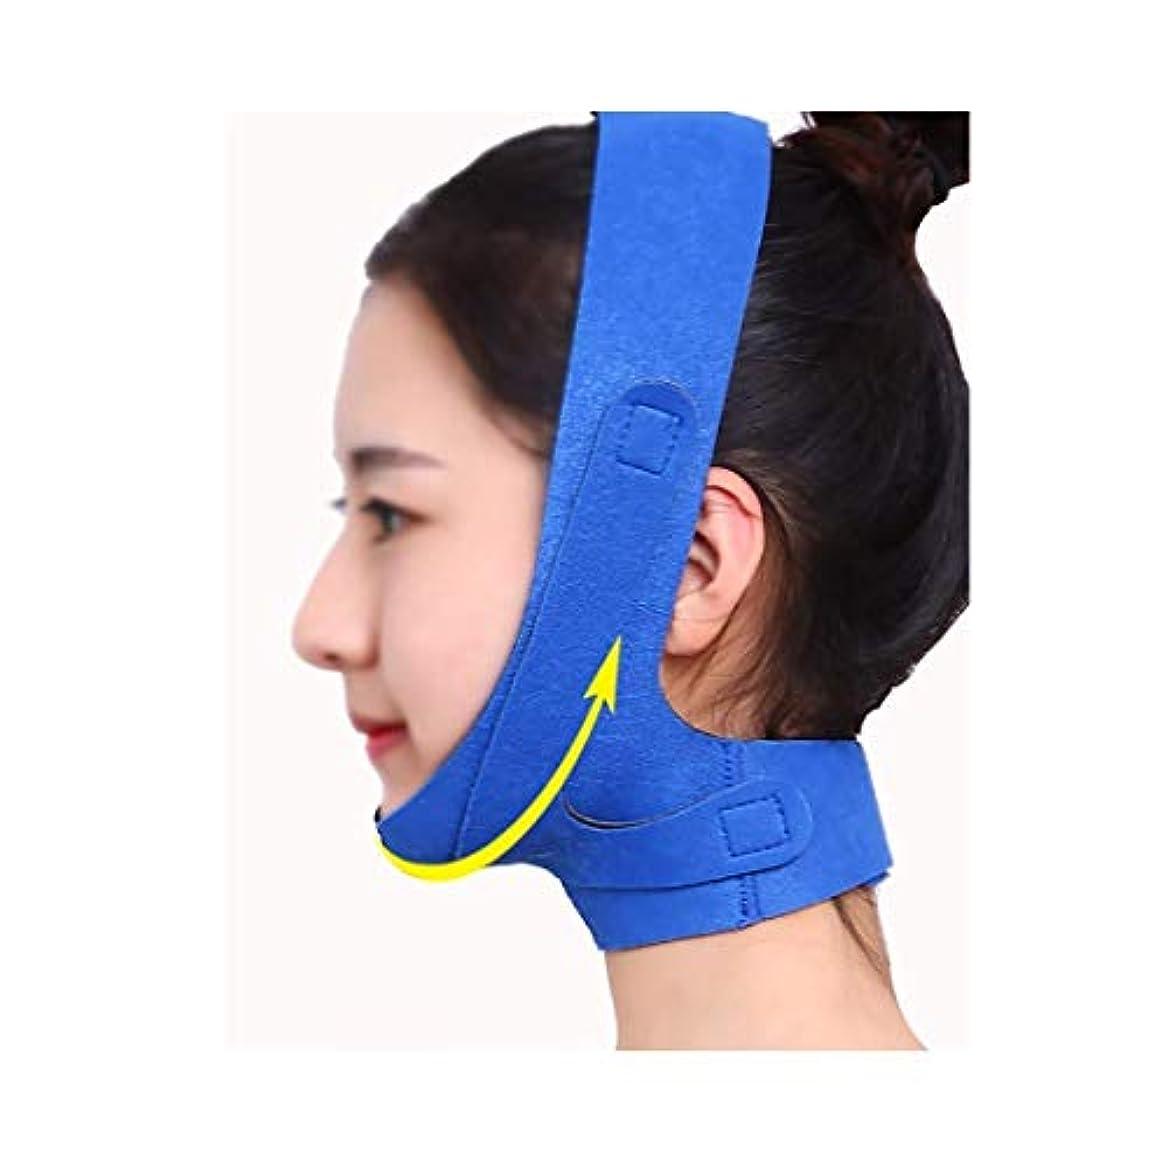 作成する有毒なシェアフェイスリフトマスク、あごストラップ回復包帯睡眠薄いフェイスバンデージ薄いフェイスマスクフェイスリフトアーティファクトフェイスリフト美容マスク包帯青いフェイスマスクと小さなV顔を強化するには